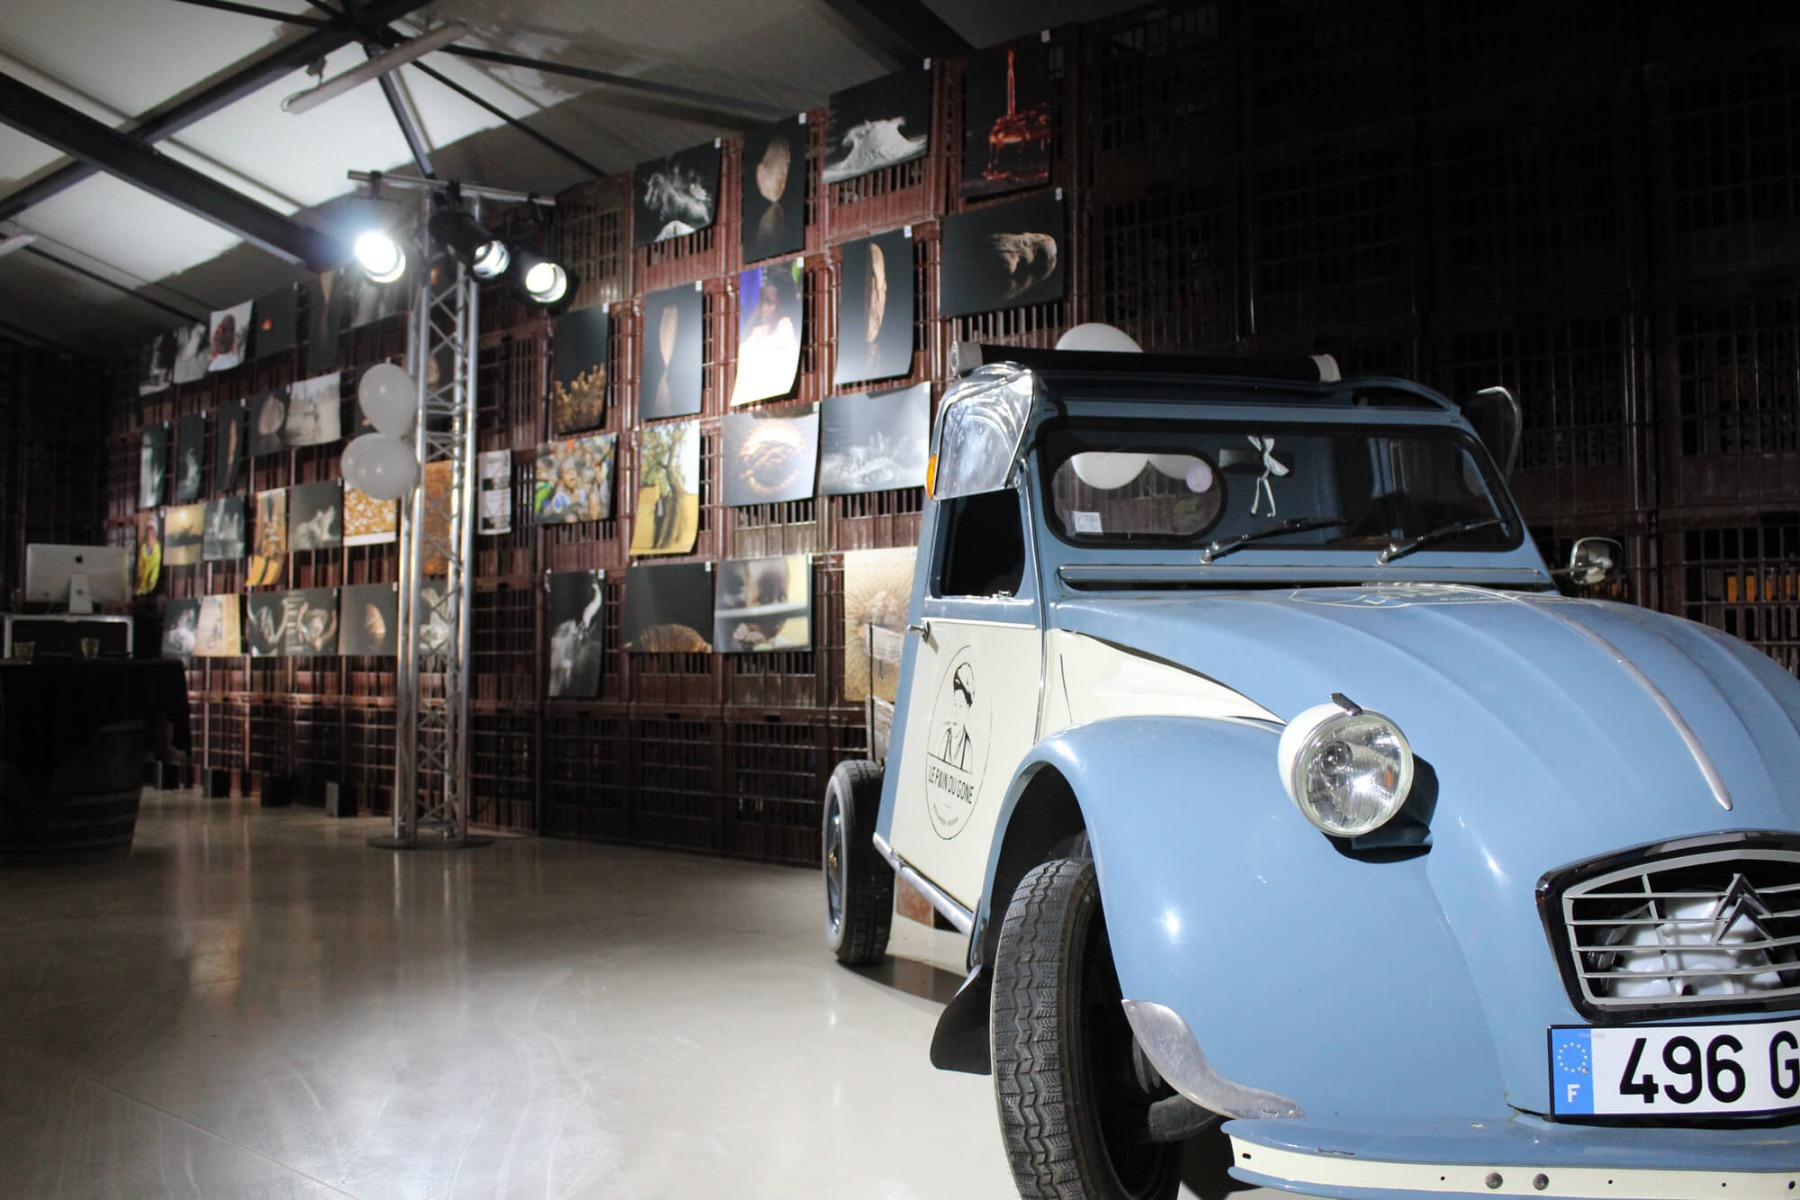 Mise en valeur de voiture et de l'art avec éclairage LED